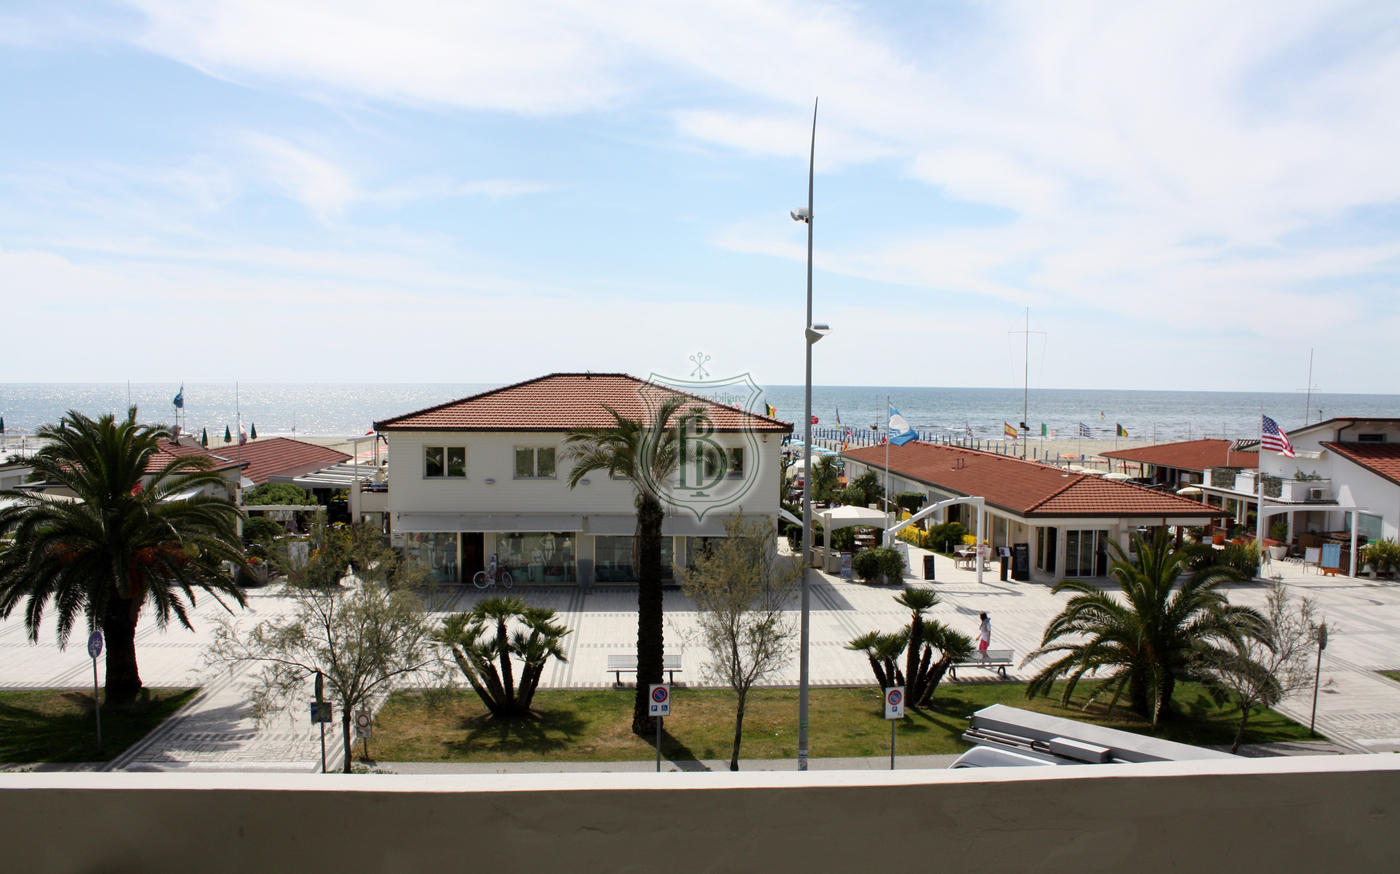 Appartamento in vendita a Lido di Camaiore con terrazza vista mare